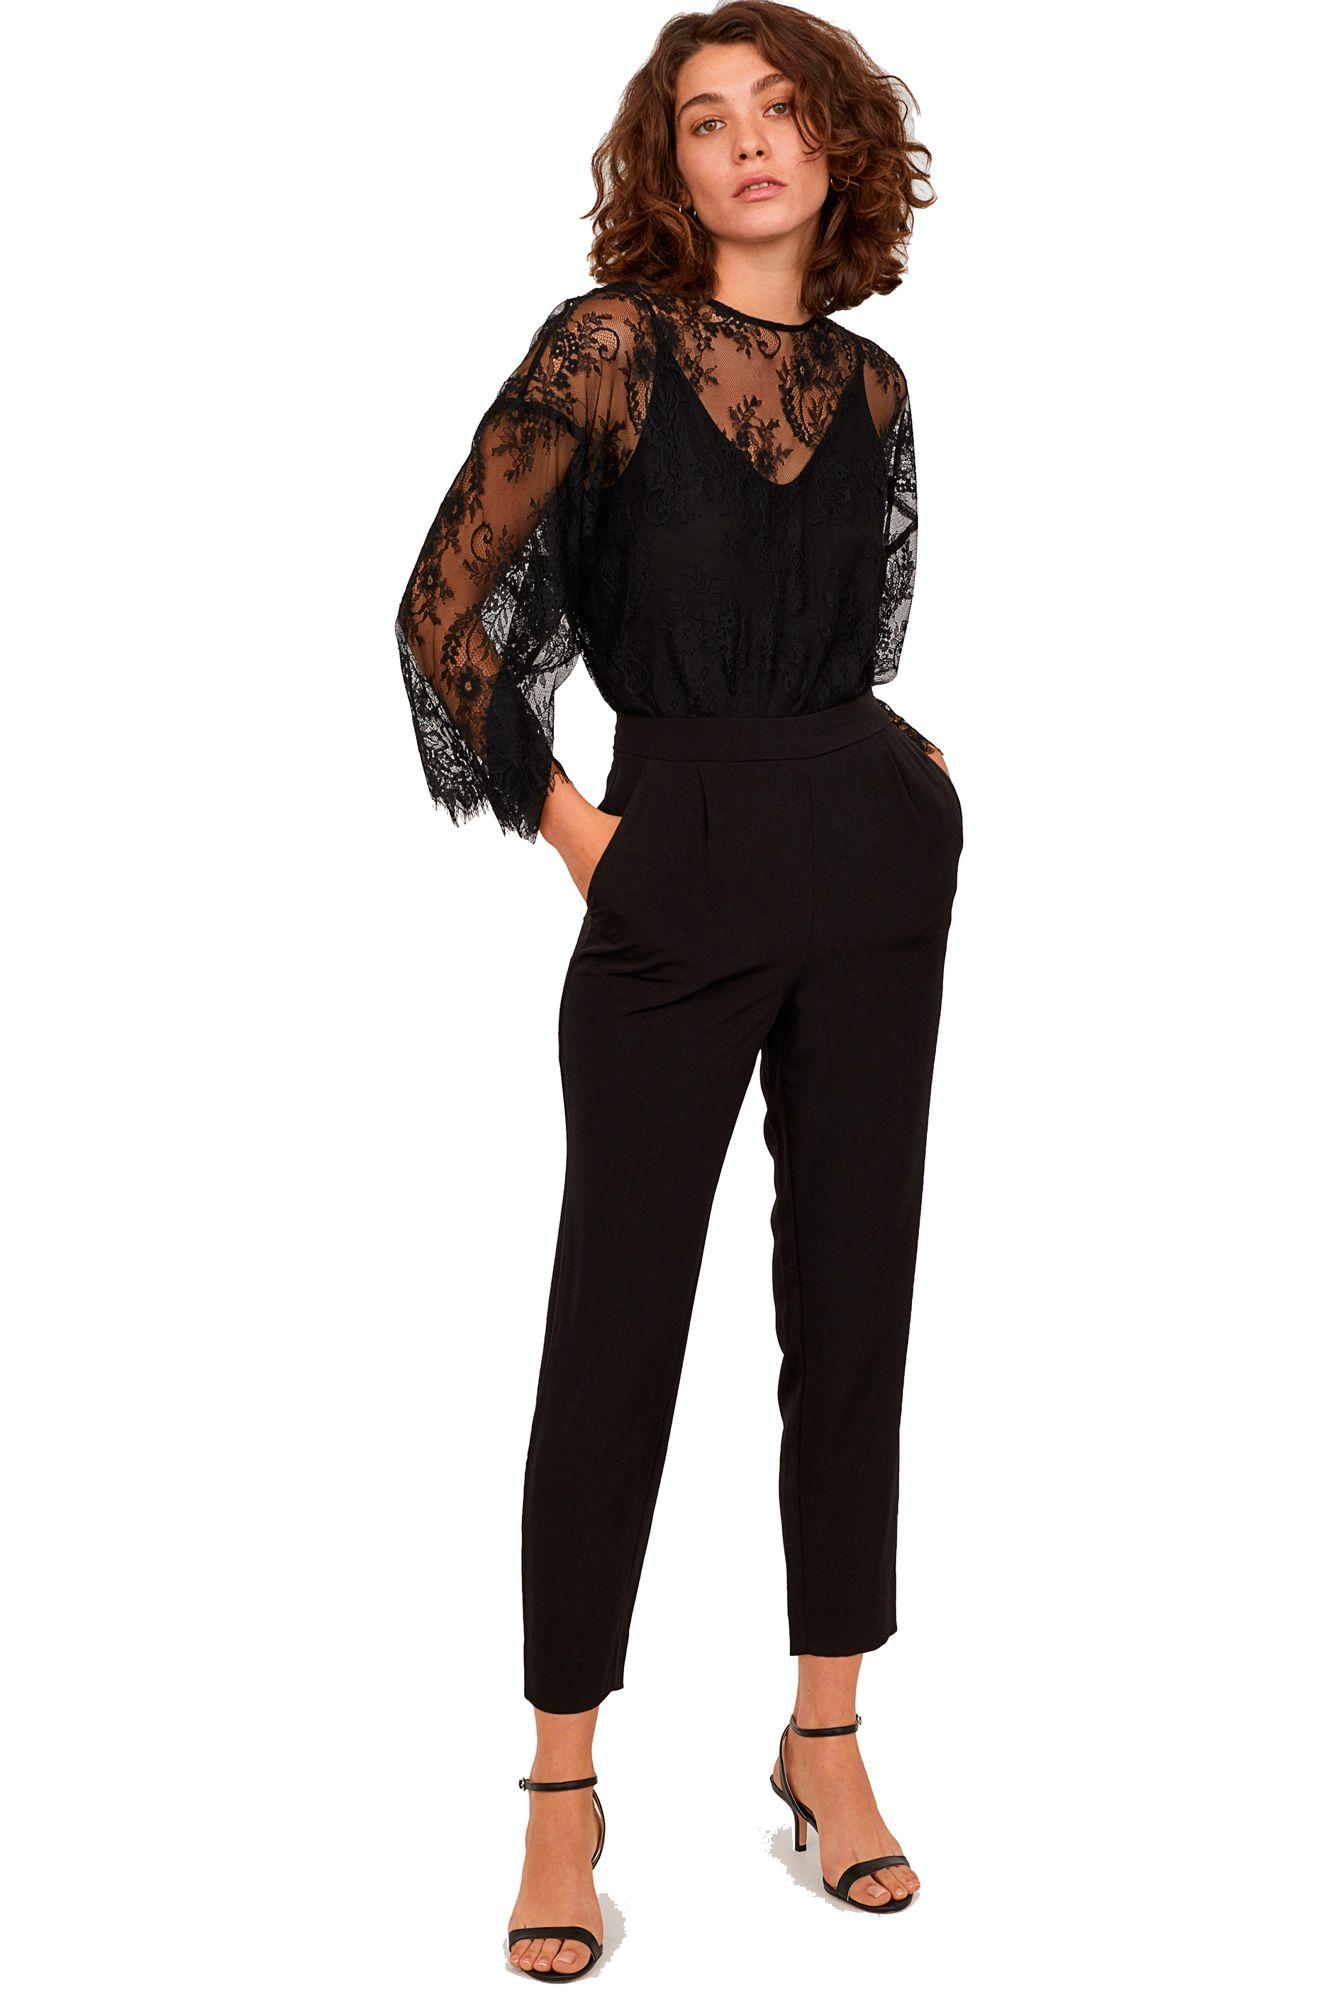 ahorrar estilo moderno más tarde H&M bate su propio récord de ventas con este mono negro ...